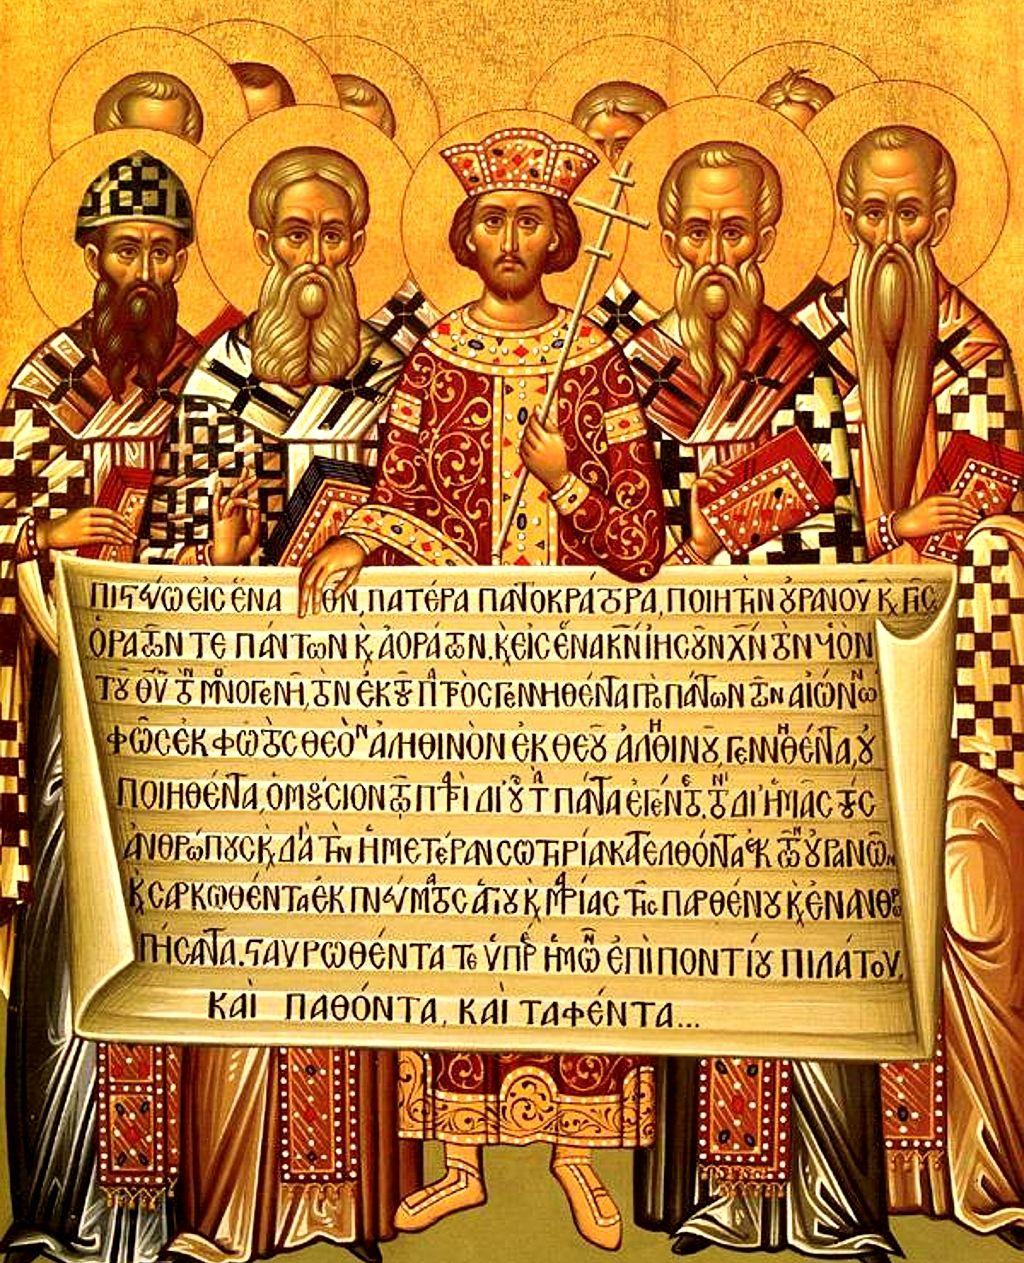 Dopiero I sobór nicejski zakazał kastracji jako praktyki religijnej (źródło: domena publiczna).